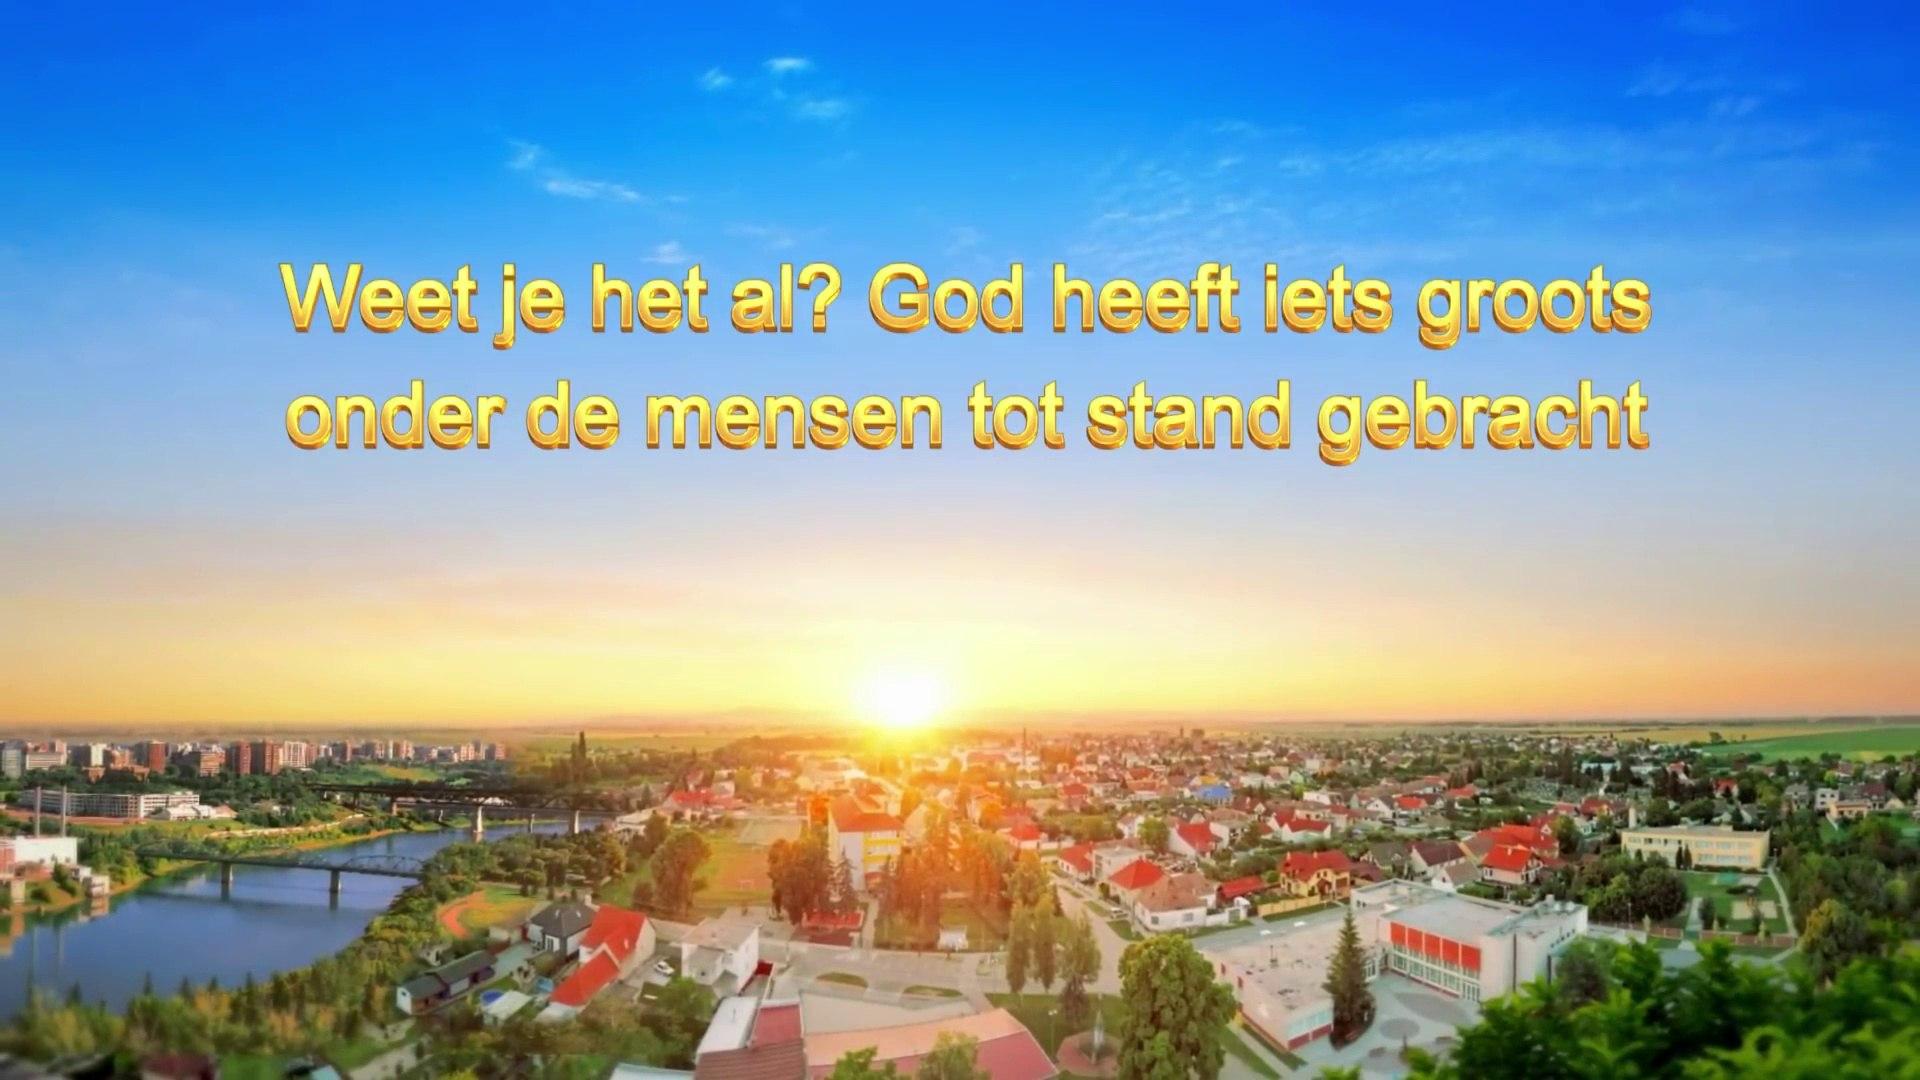 Gods woorden 'Weet je het al? God heeft iets groots onder de mensen tot stand gebracht' (Lezing)